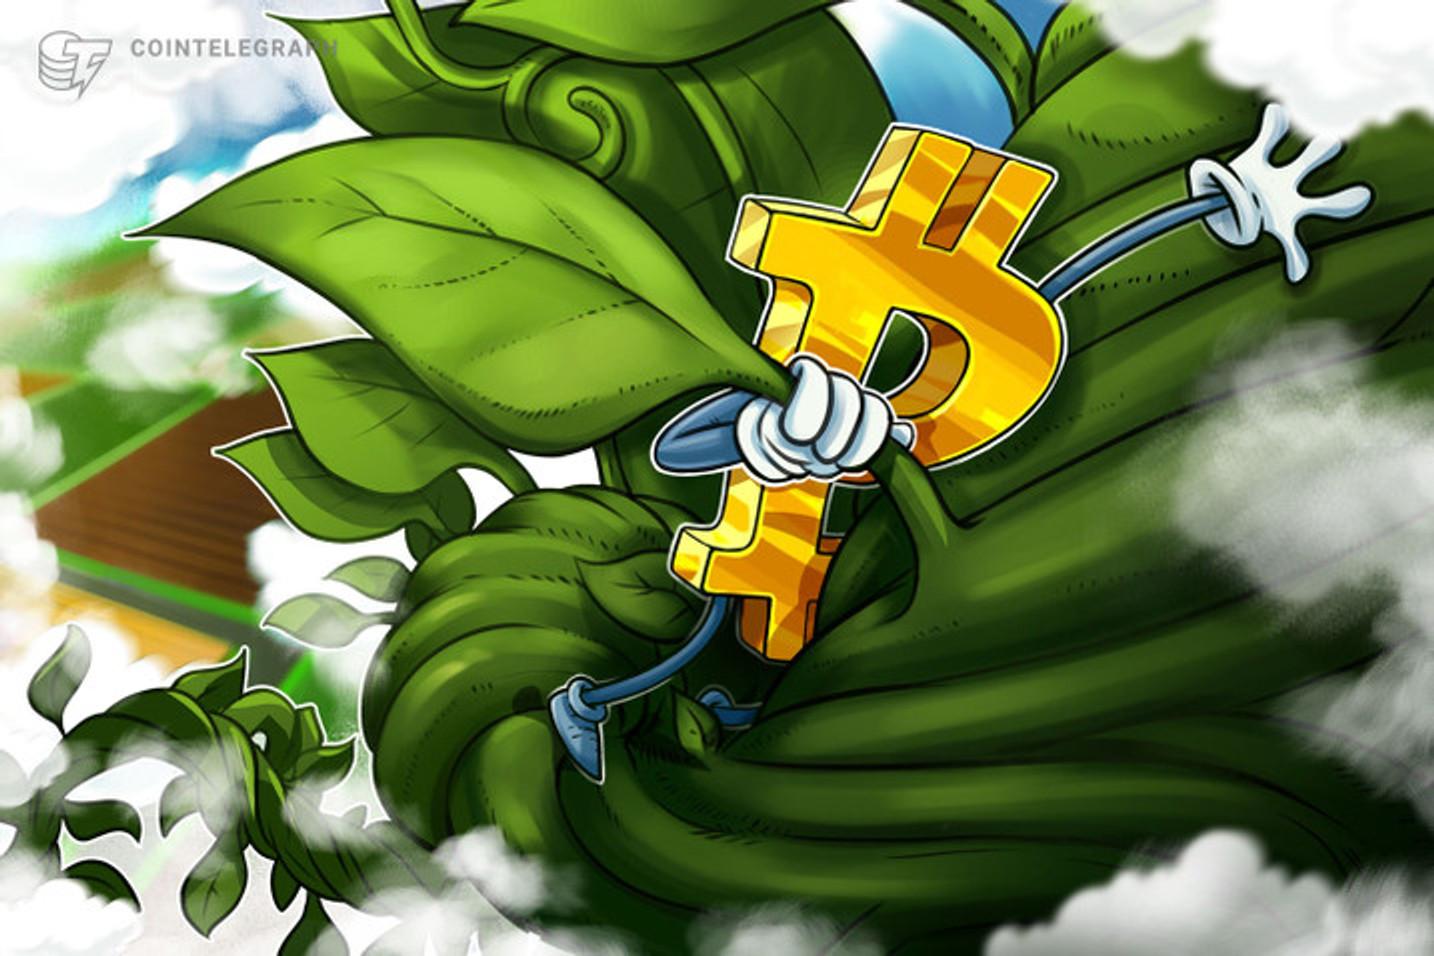 仮想通貨ビットコイン、テザー、イーサ  ついにデカップリング開始か?